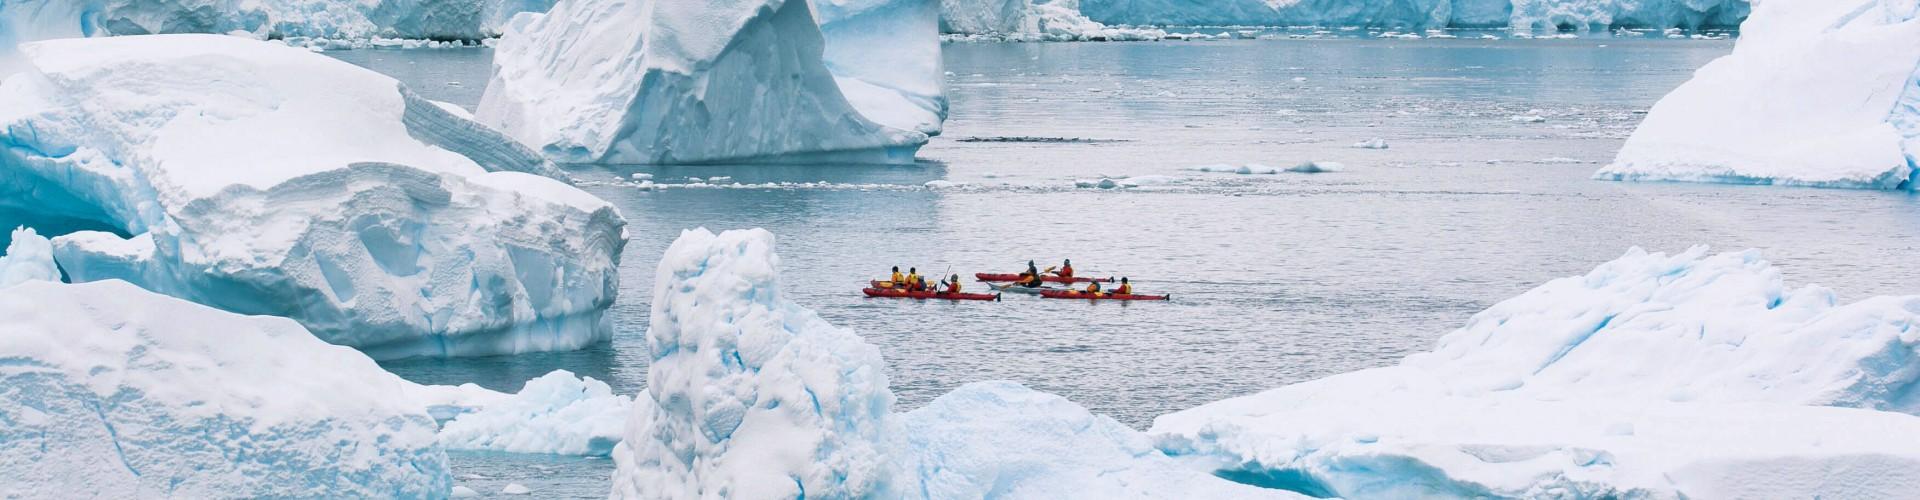 AN - Gen - Hebridean Sky - Kayaking